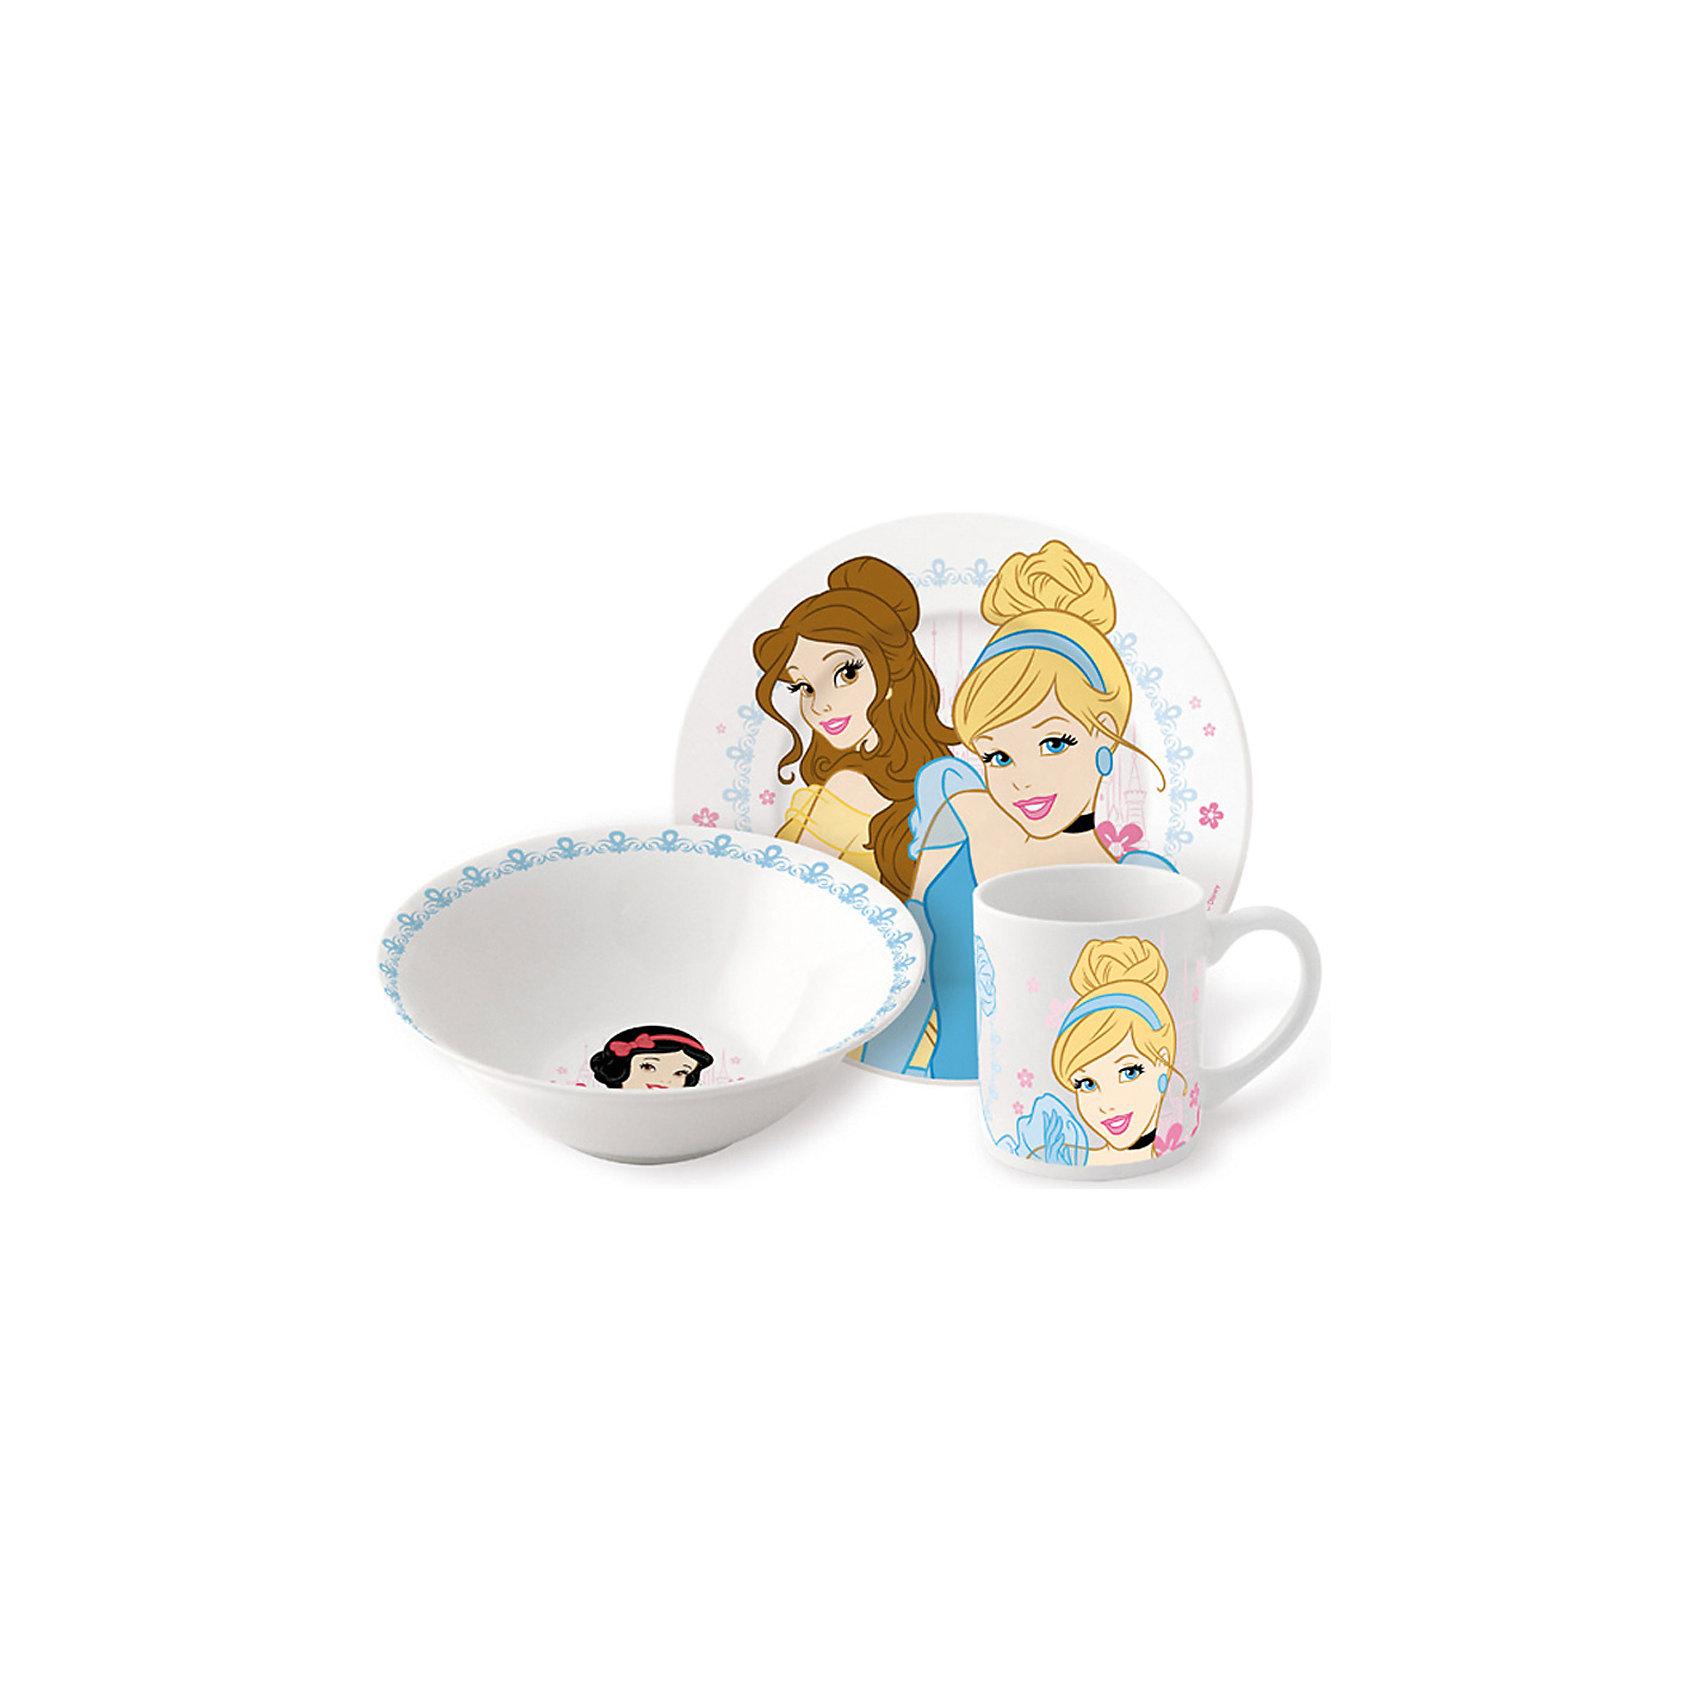 Набор керамической посуды Принцессы Дисней (3 предмета)Дети любят окружать себя всем, что связано с их любимыми героями. <br>Любая девочка придет в восторг от такого набора посуды. Яркий набор выполнен в едином стиле, декорирован изображениями диснеевских принцесс. Такая красивая и практичная посуда непременно понравится малышке. Все изделия выполнены из каменной керамики, которая производится без добавления химических красителей и различных примесей. Абсолютно гладкая поверхность препятствует проникновению бактерий и посторонних запахов в посуду. Можно использовать и посудомоечной машине и СВЧ.<br><br> Дополнительная информация: <br><br>- возраст: от 3 лет.<br>        в набор входят:<br>- миска: (? 18 см). <br>- тарелка: 19 см.<br>- кружка: 210 мл.<br>- материал: керамика.<br>- размер упаковки: 23х8,5х19,5 см.<br><br>Набор керамической посуды Принцессы (3 предмета), Disney Princess ( Принцессы Диснея) можно купить в нашем интернет-магазине.<br><br>Ширина мм: 250<br>Глубина мм: 85<br>Высота мм: 200<br>Вес г: 973<br>Возраст от месяцев: 36<br>Возраст до месяцев: 108<br>Пол: Женский<br>Возраст: Детский<br>SKU: 4536171